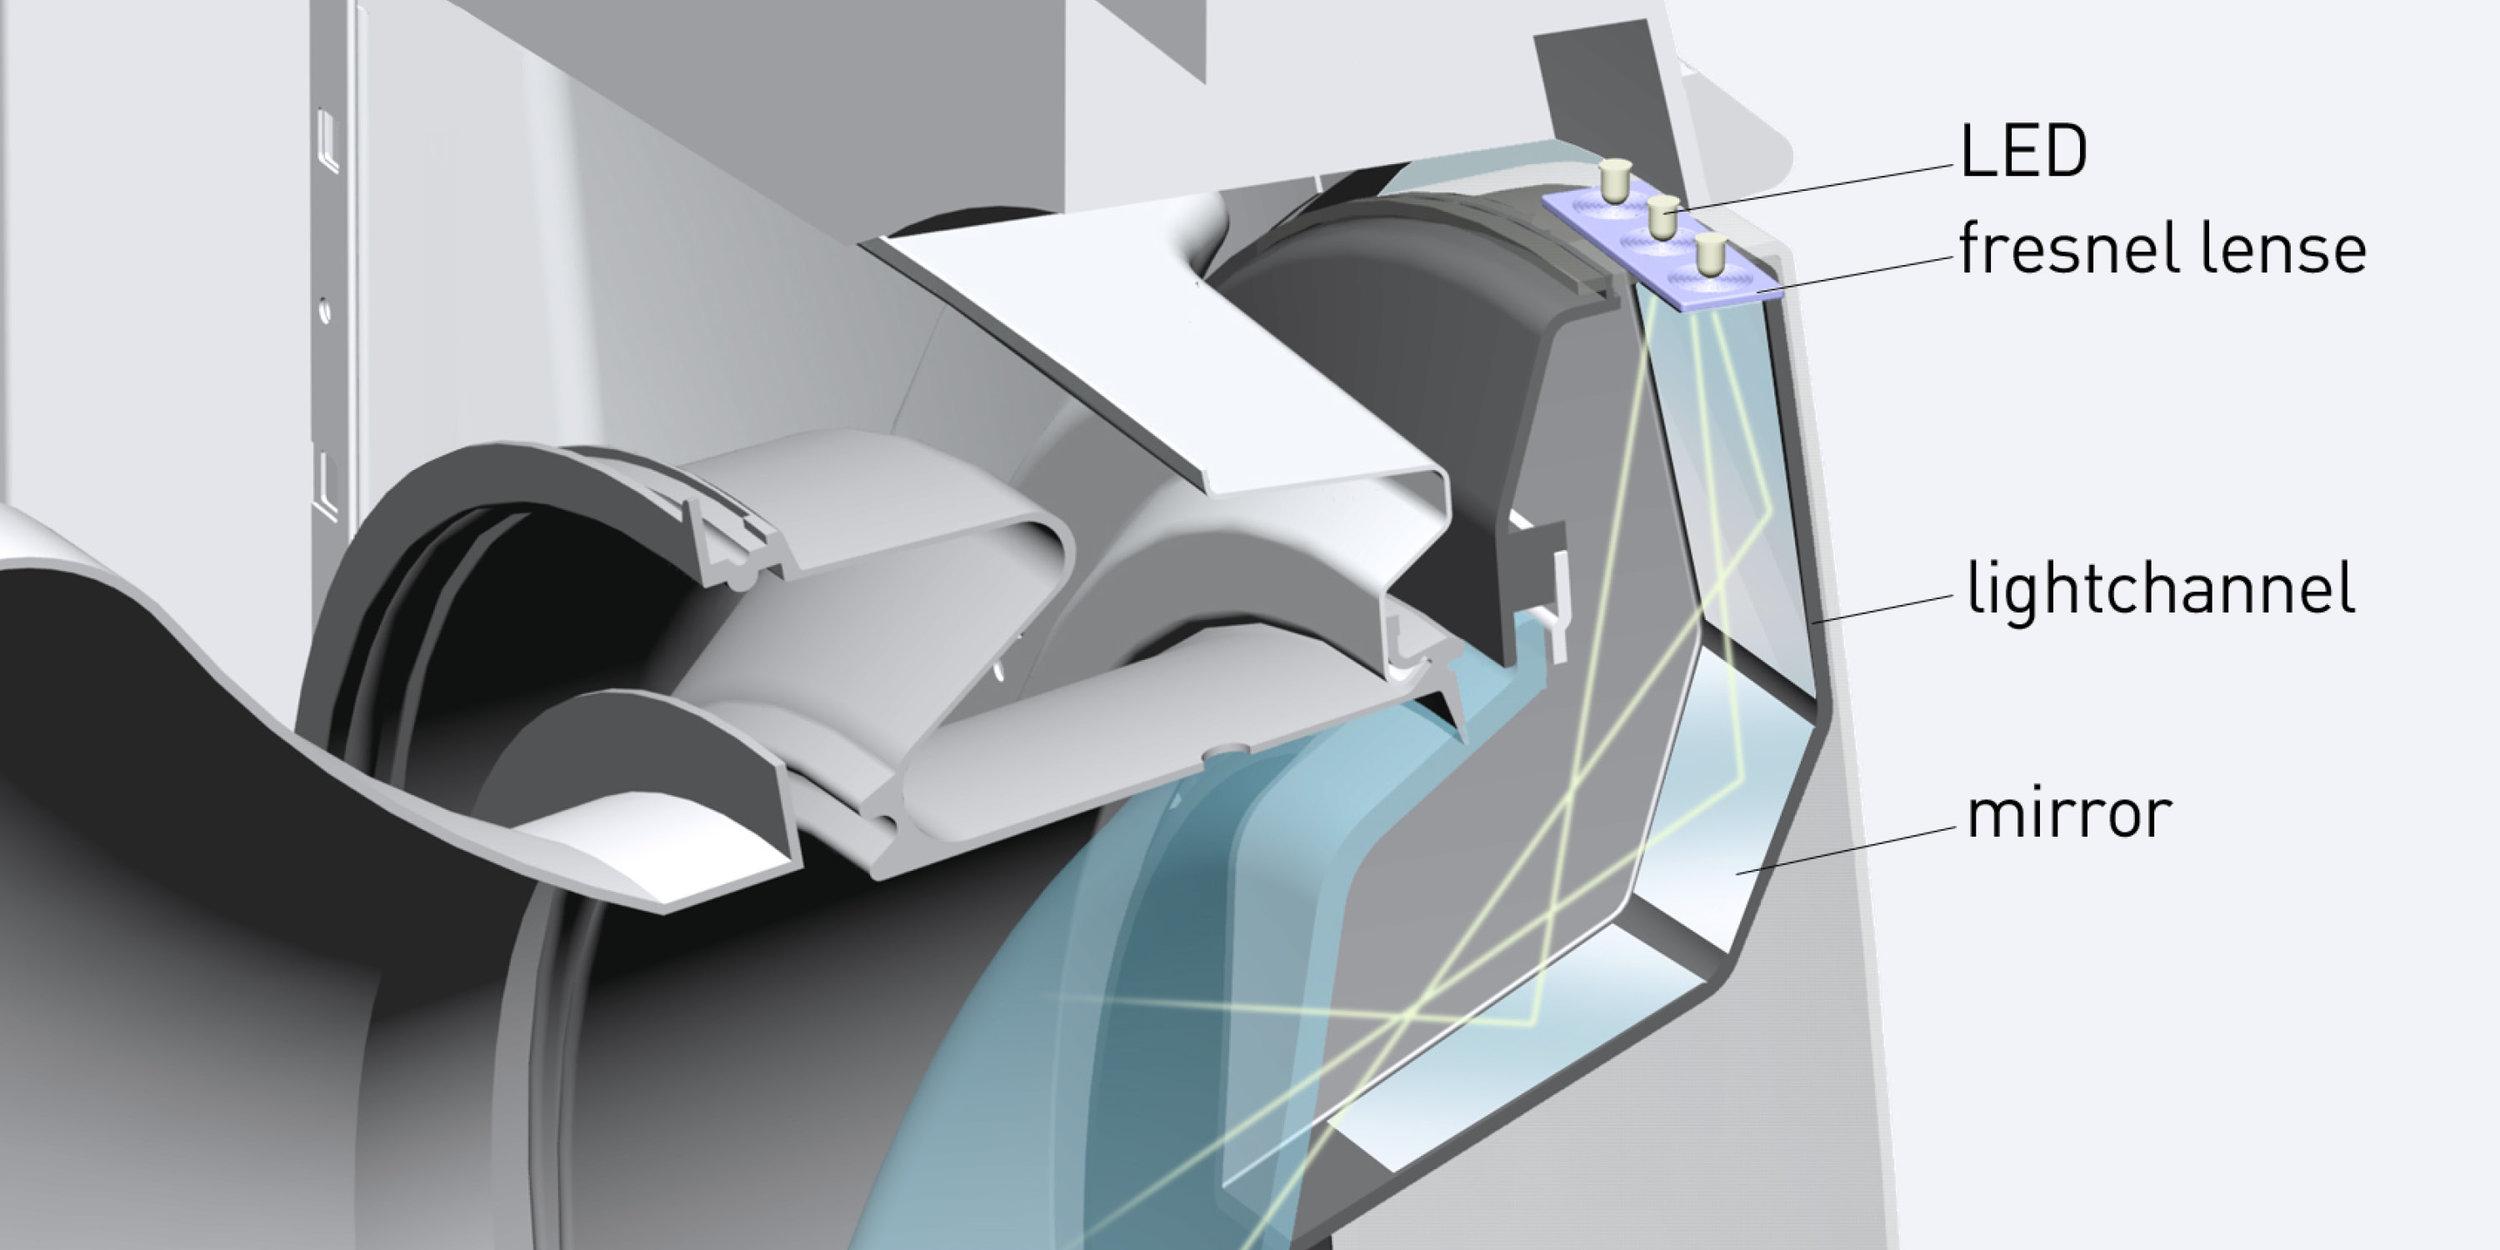 Whirlpool Studie Waschmaschine 02.jpg